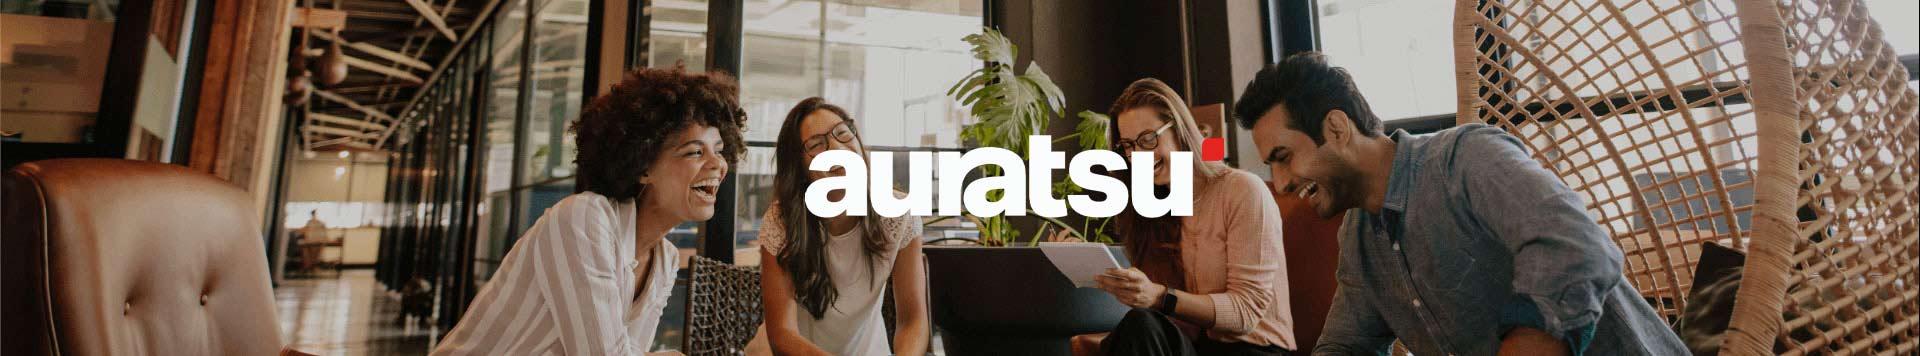 Auratsu_Banner